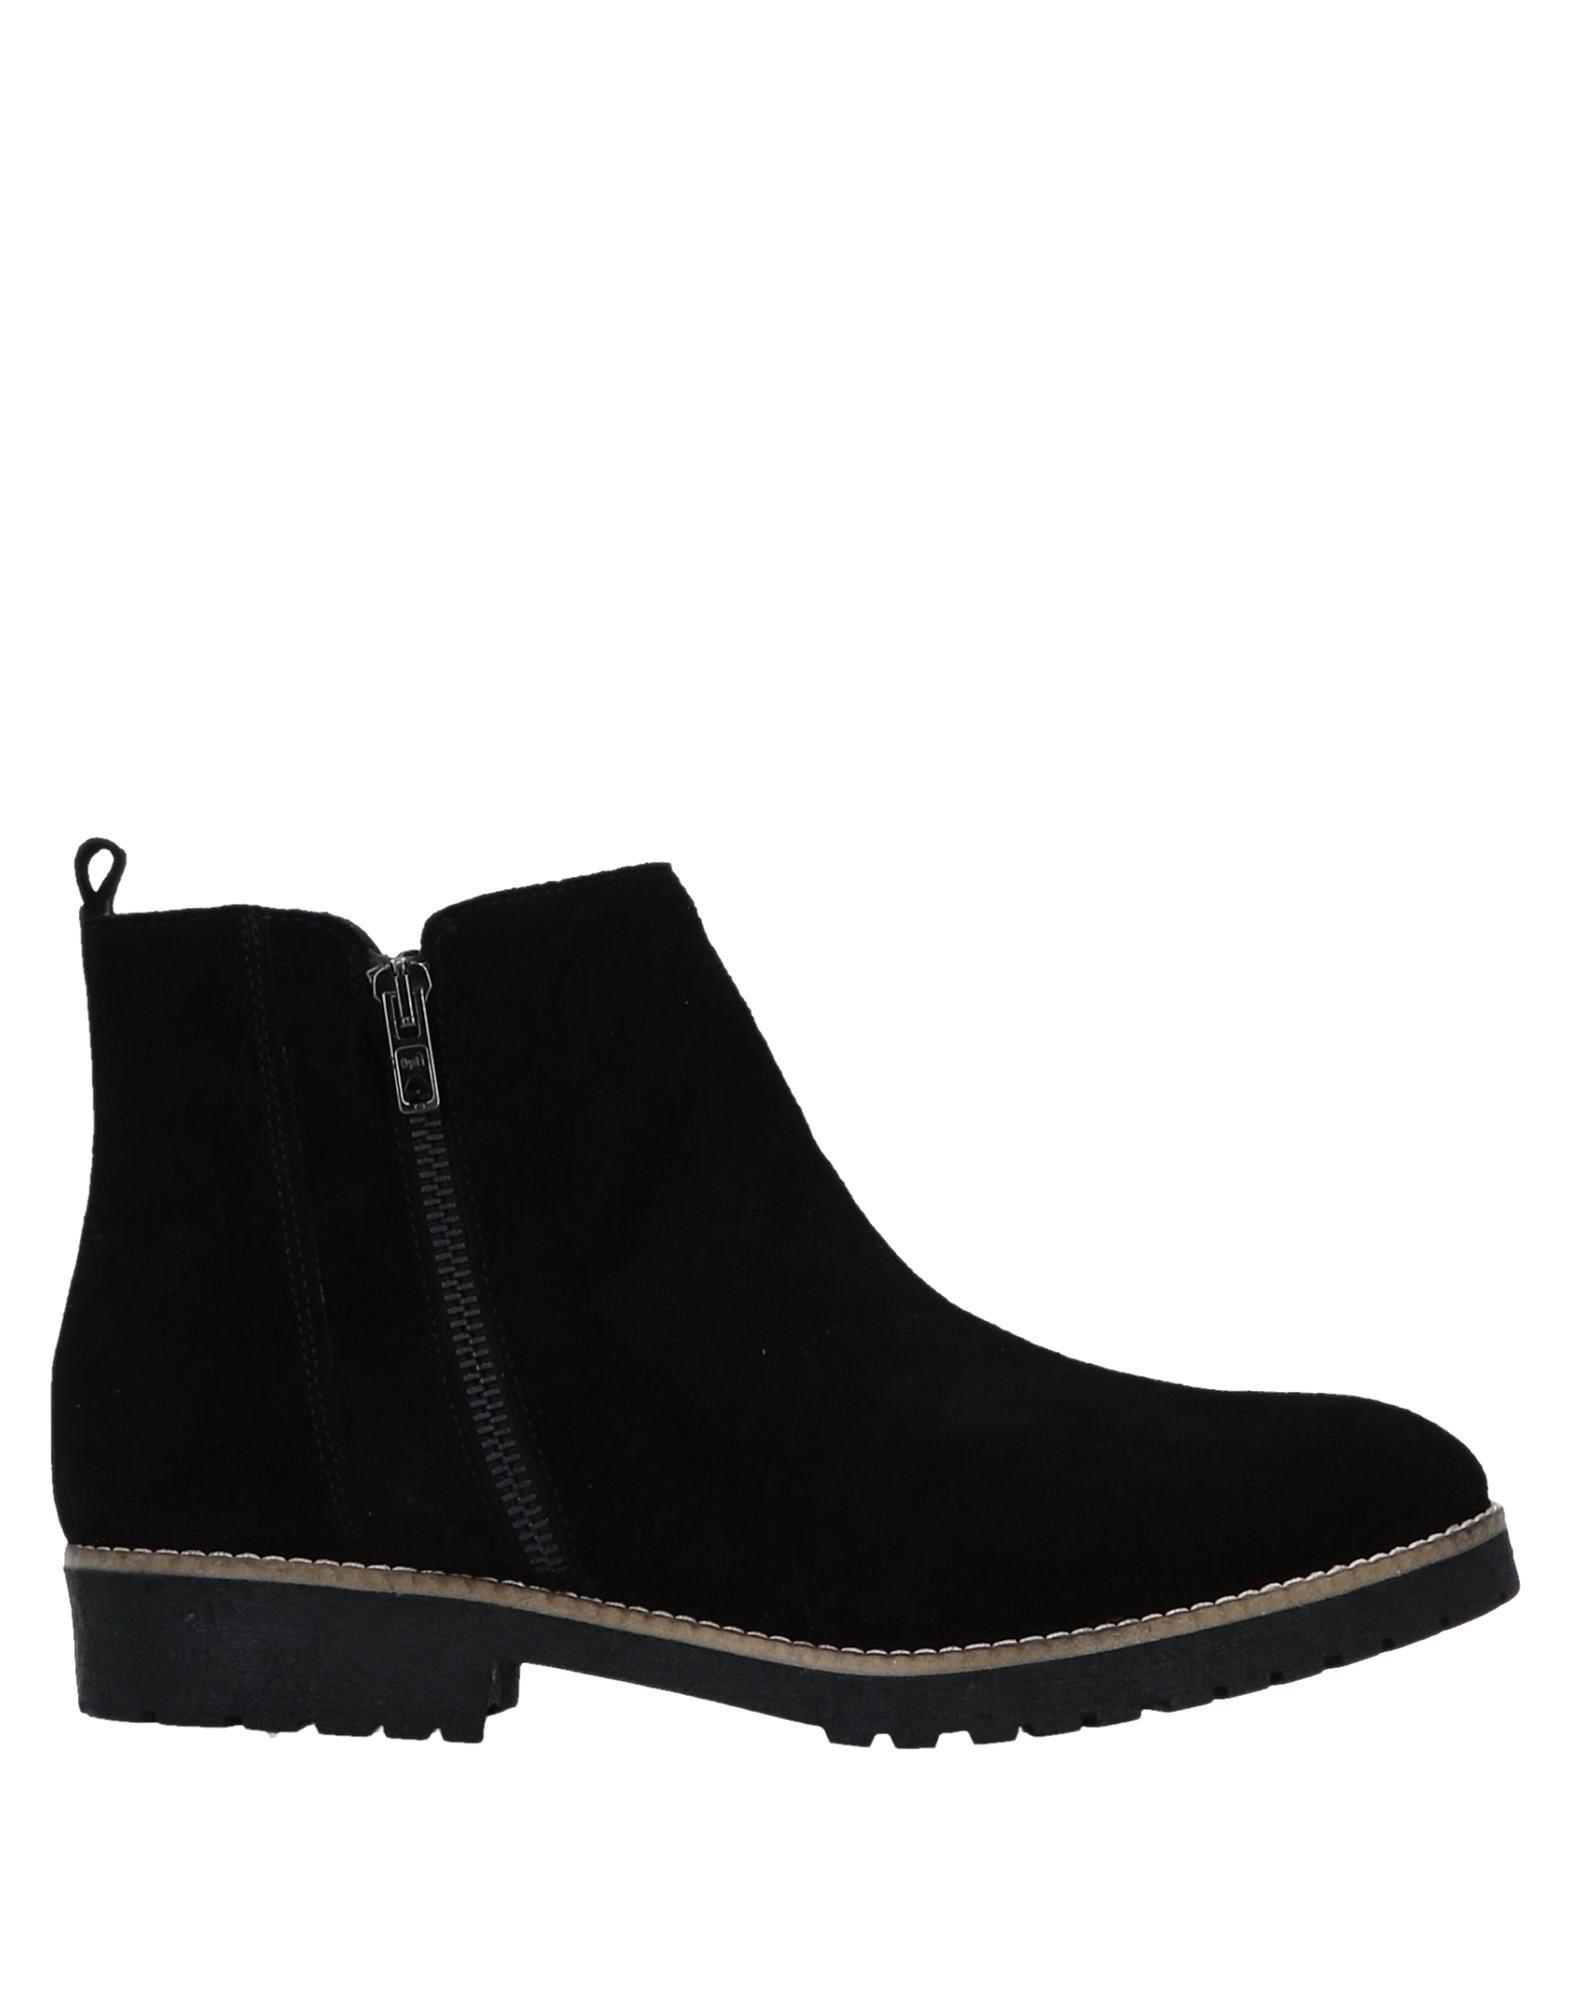 Eye Stiefelette Damen  11517920IG Gute Qualität beliebte Schuhe